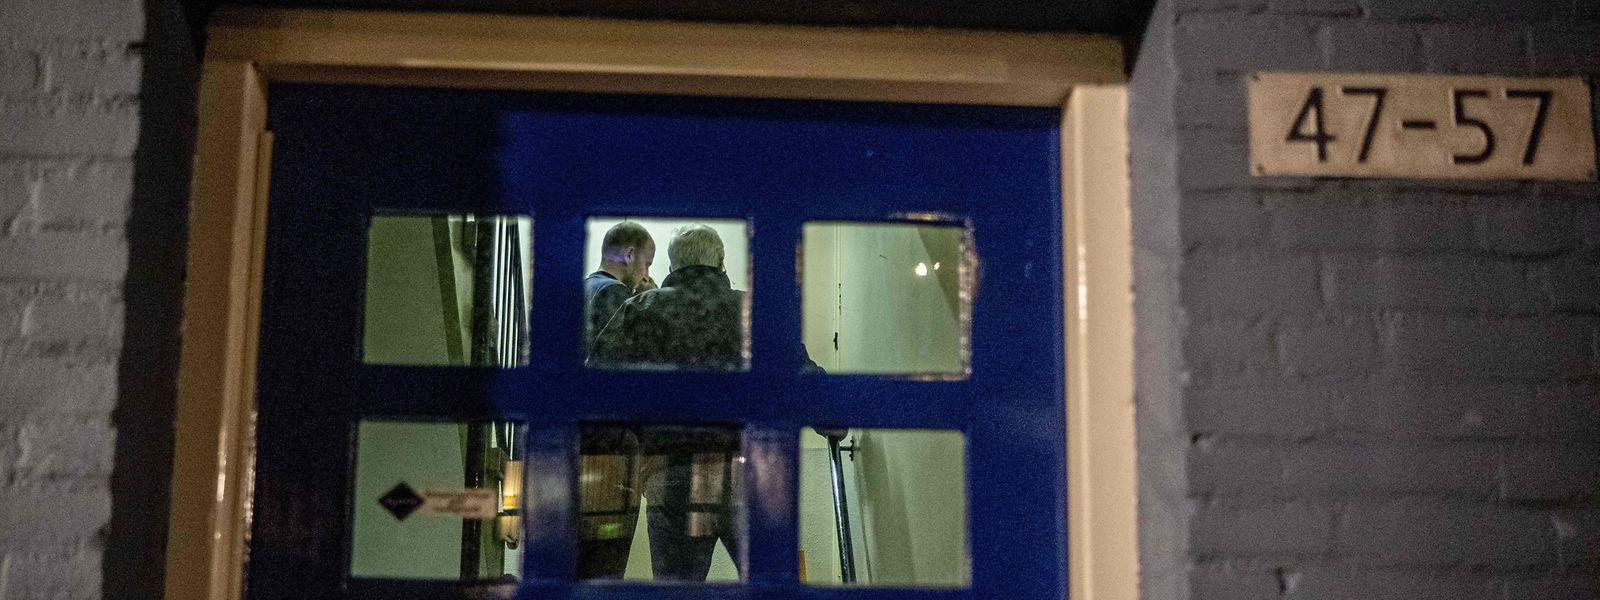 Polizeibeamte bei der Durchsuchung einer Wohnung in Arnheim (NL).